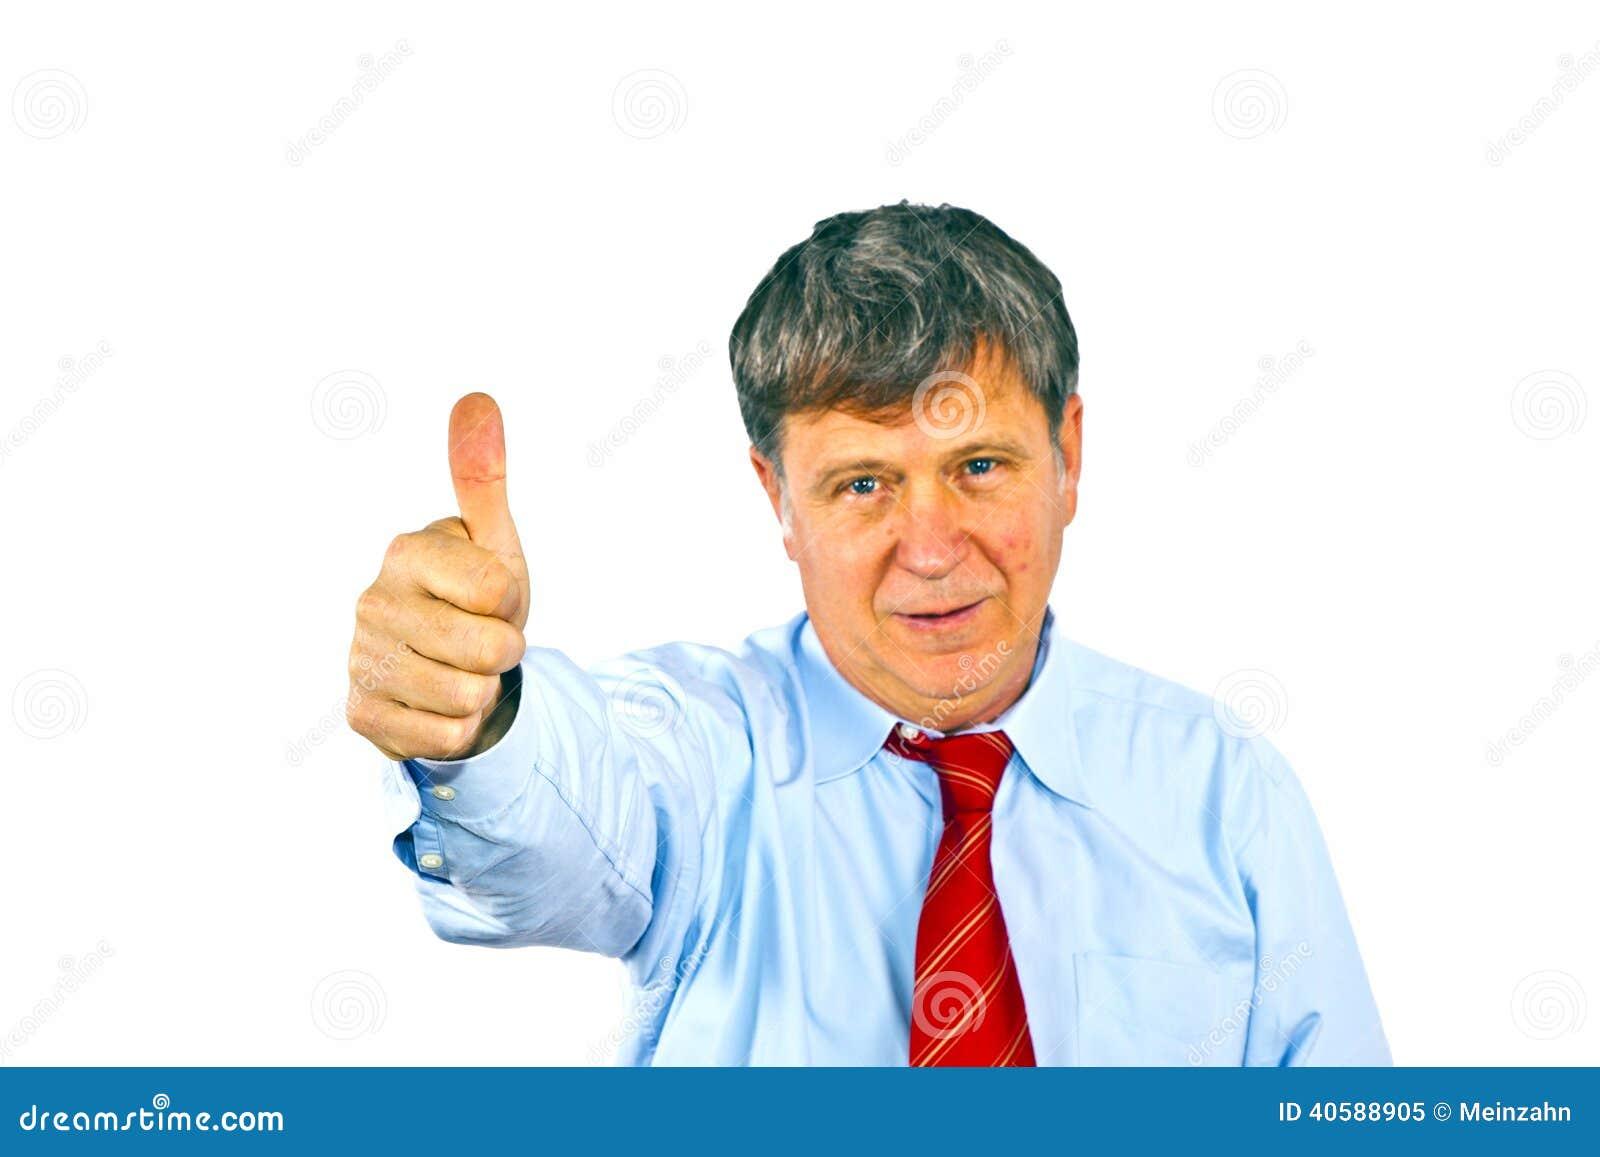 Человек показывает большие пальцы руки вверх